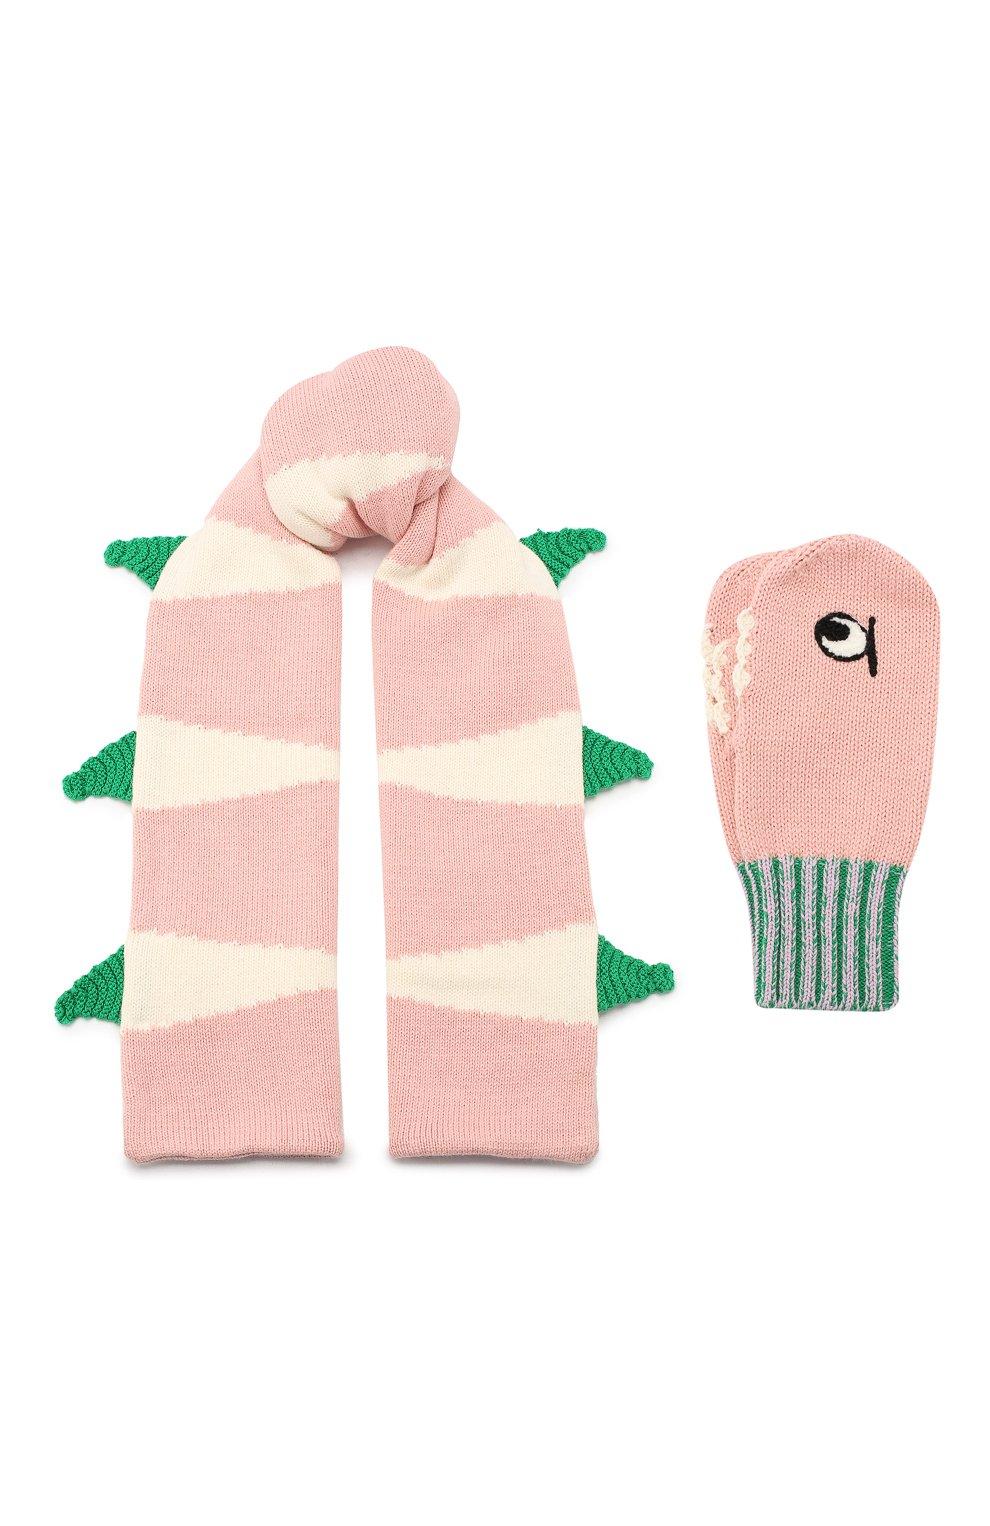 Детский комплект из шарфа и варежек STELLA MCCARTNEY розового цвета, арт. 566337/SNM18 | Фото 1 (Материал: Текстиль, Хлопок; Статус проверки: Проверено, Проверена категория)